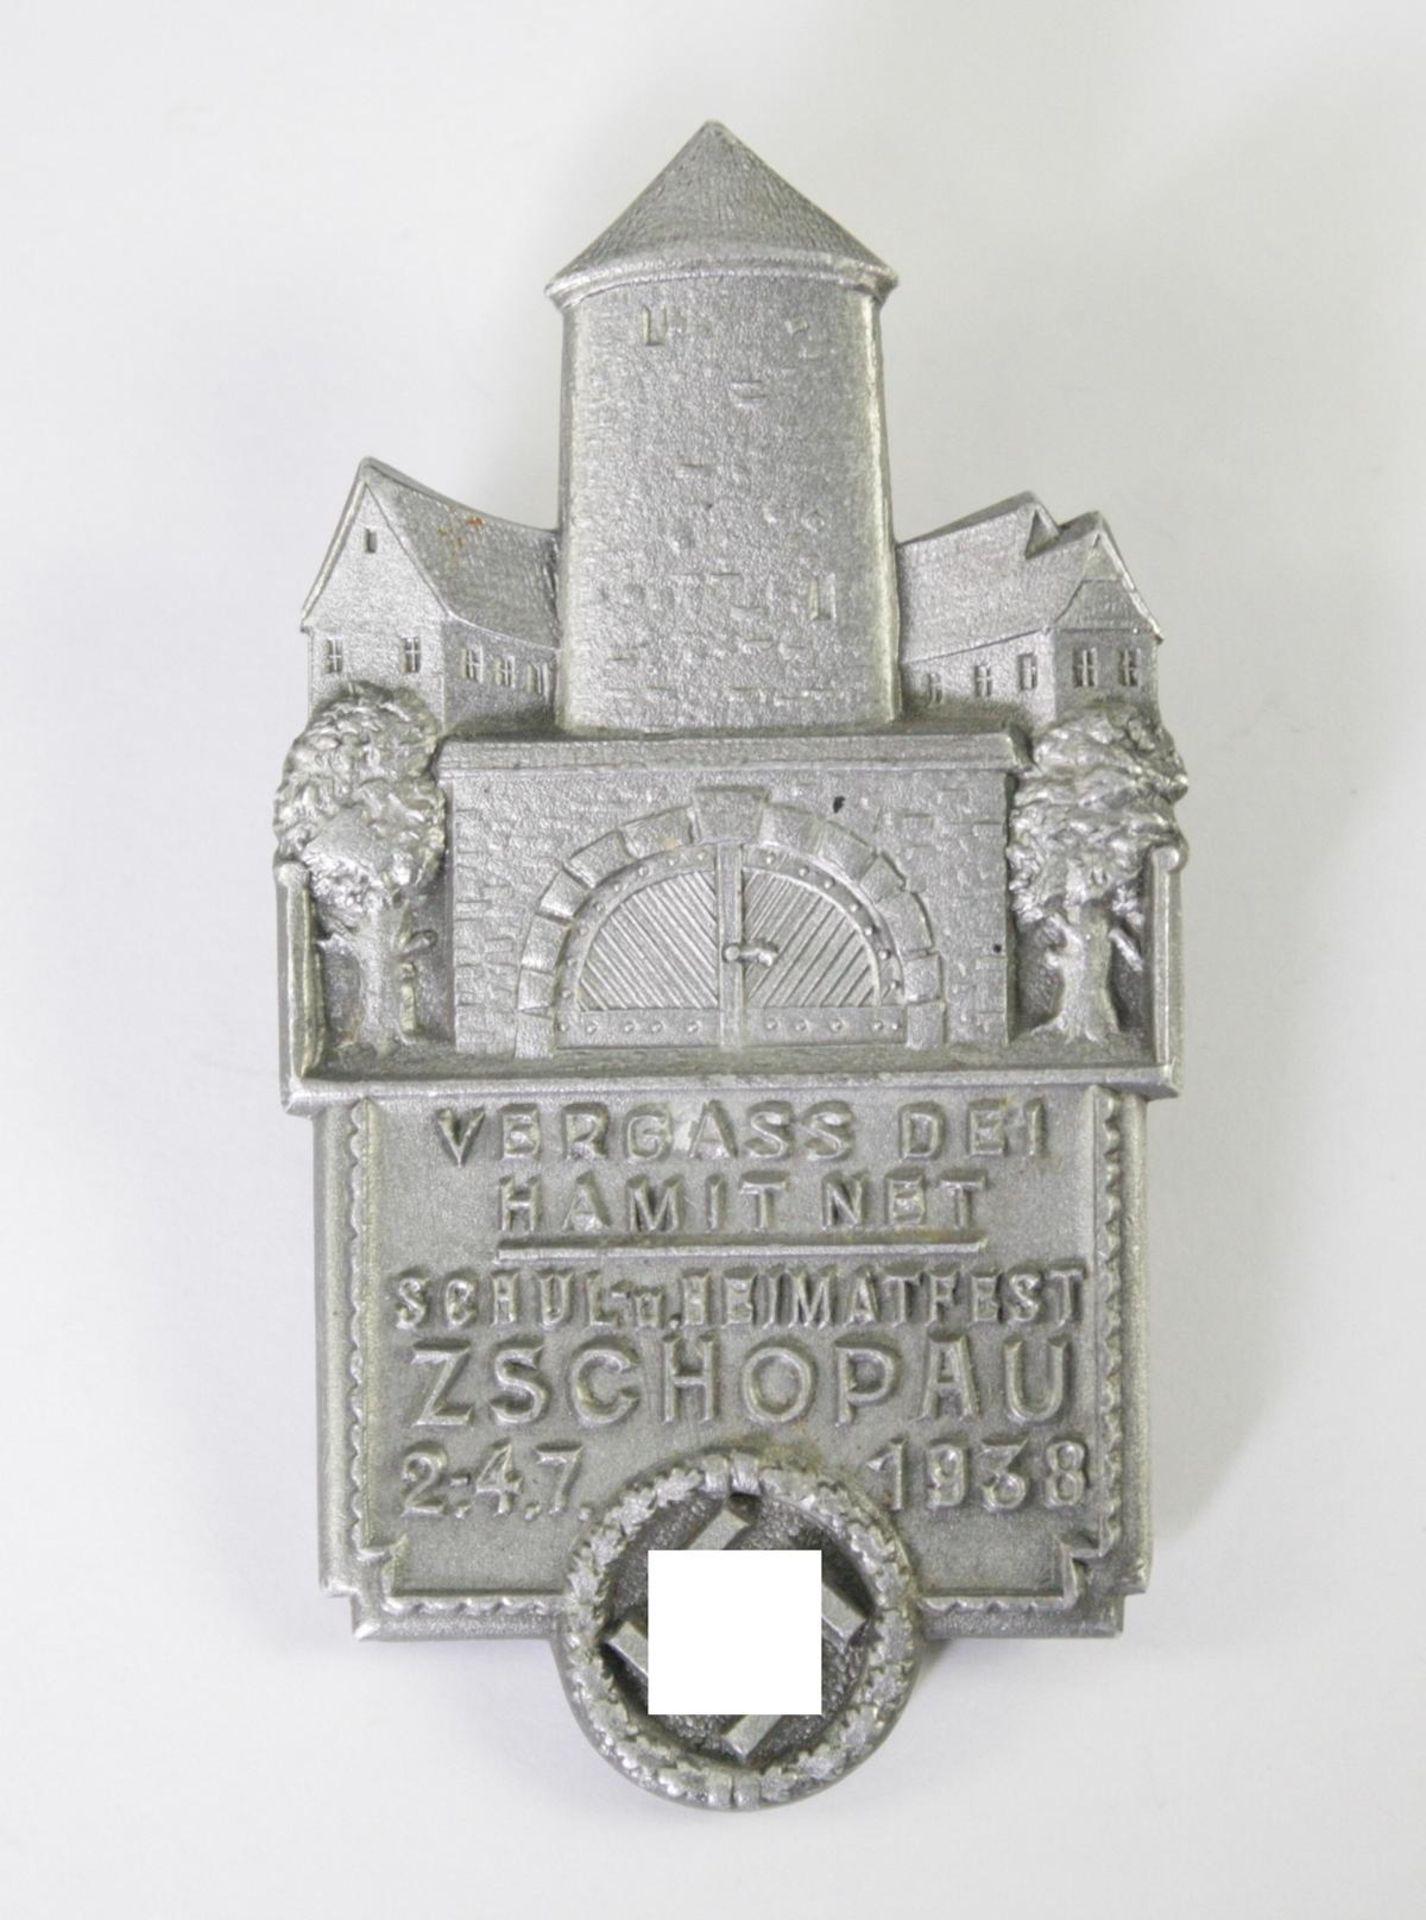 Tagungsabzeichen, Schul- und Heimatfest Zschopau, 2.-4.7.1938